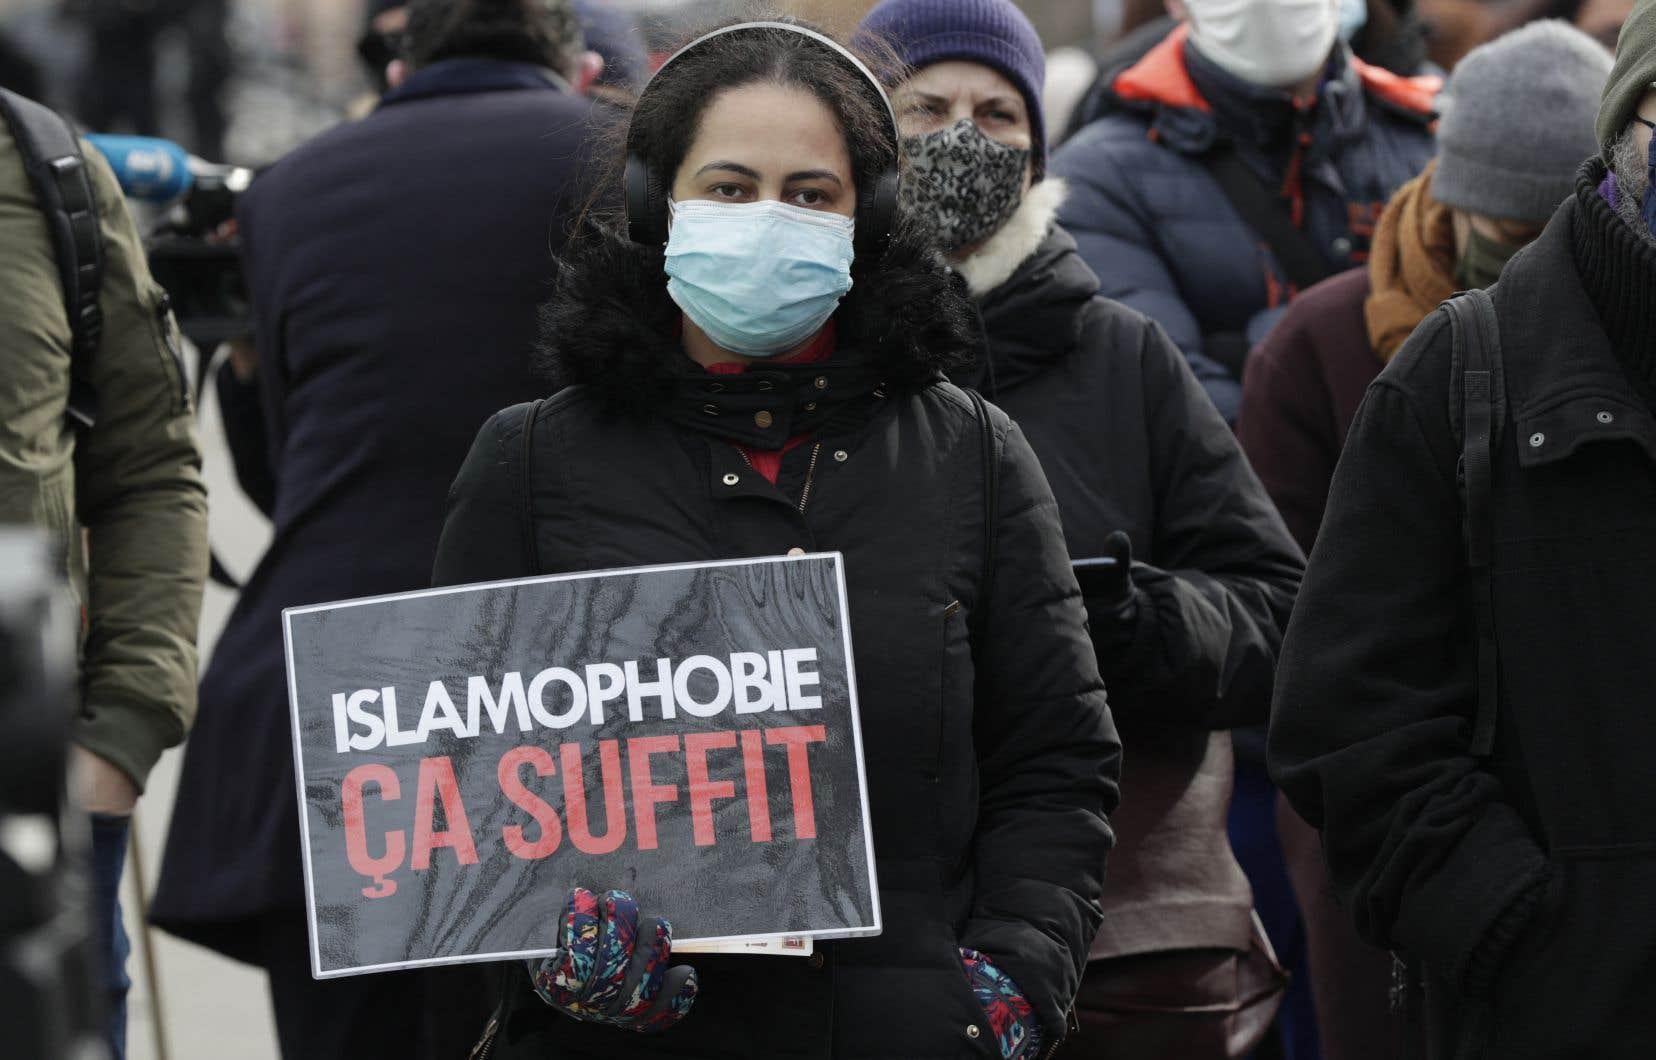 Le débat sur la laïcité et la place de l'islam en France est régulièrement alimenté par des polémiques.